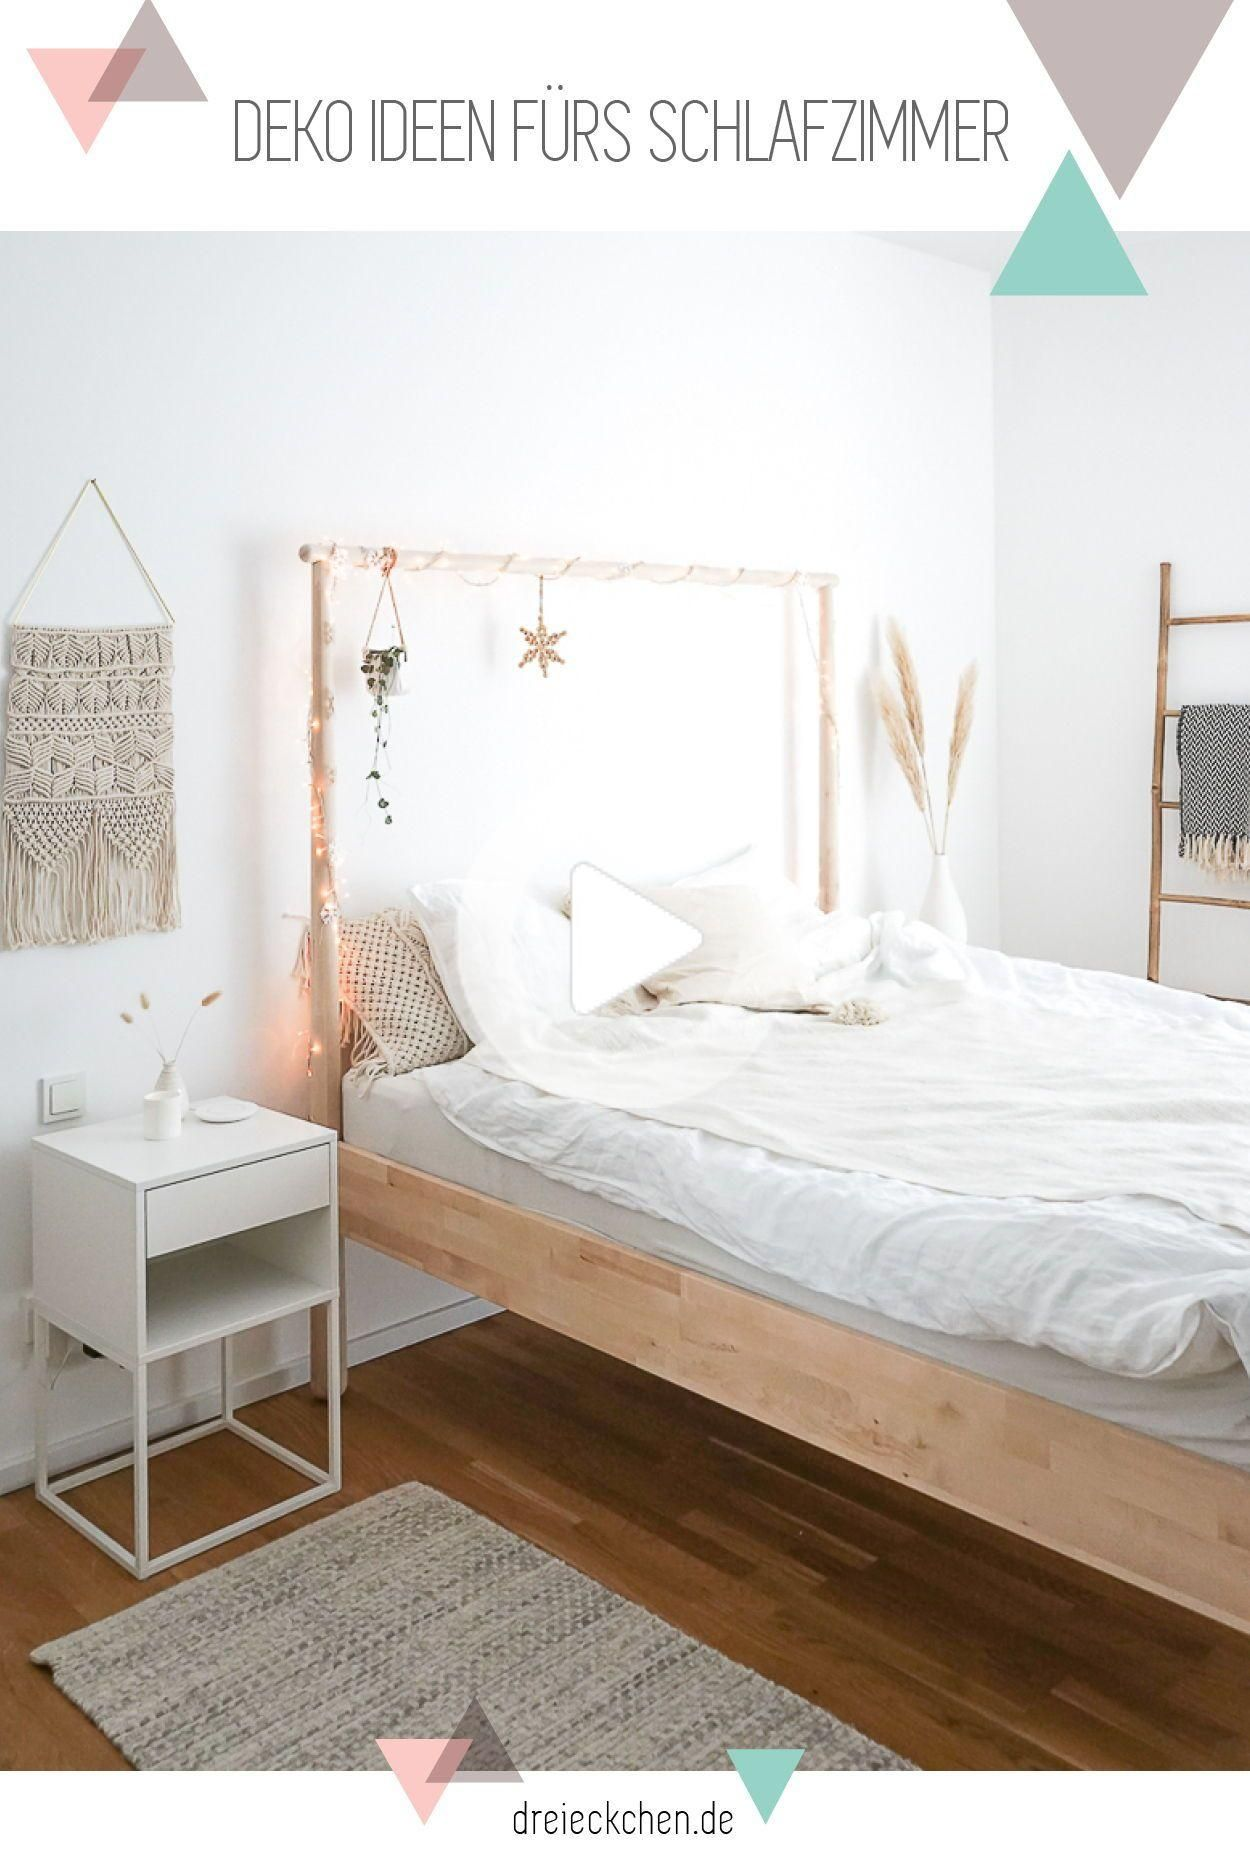 Schlafzimmer Einrichten Naturliche Deko Ideen Mit Getrockneten Grasern Und Trockenblumen In 2020 Schlafzimmer Einrichten Ikea Bett Schlafzimmer Ideen Gemutlich